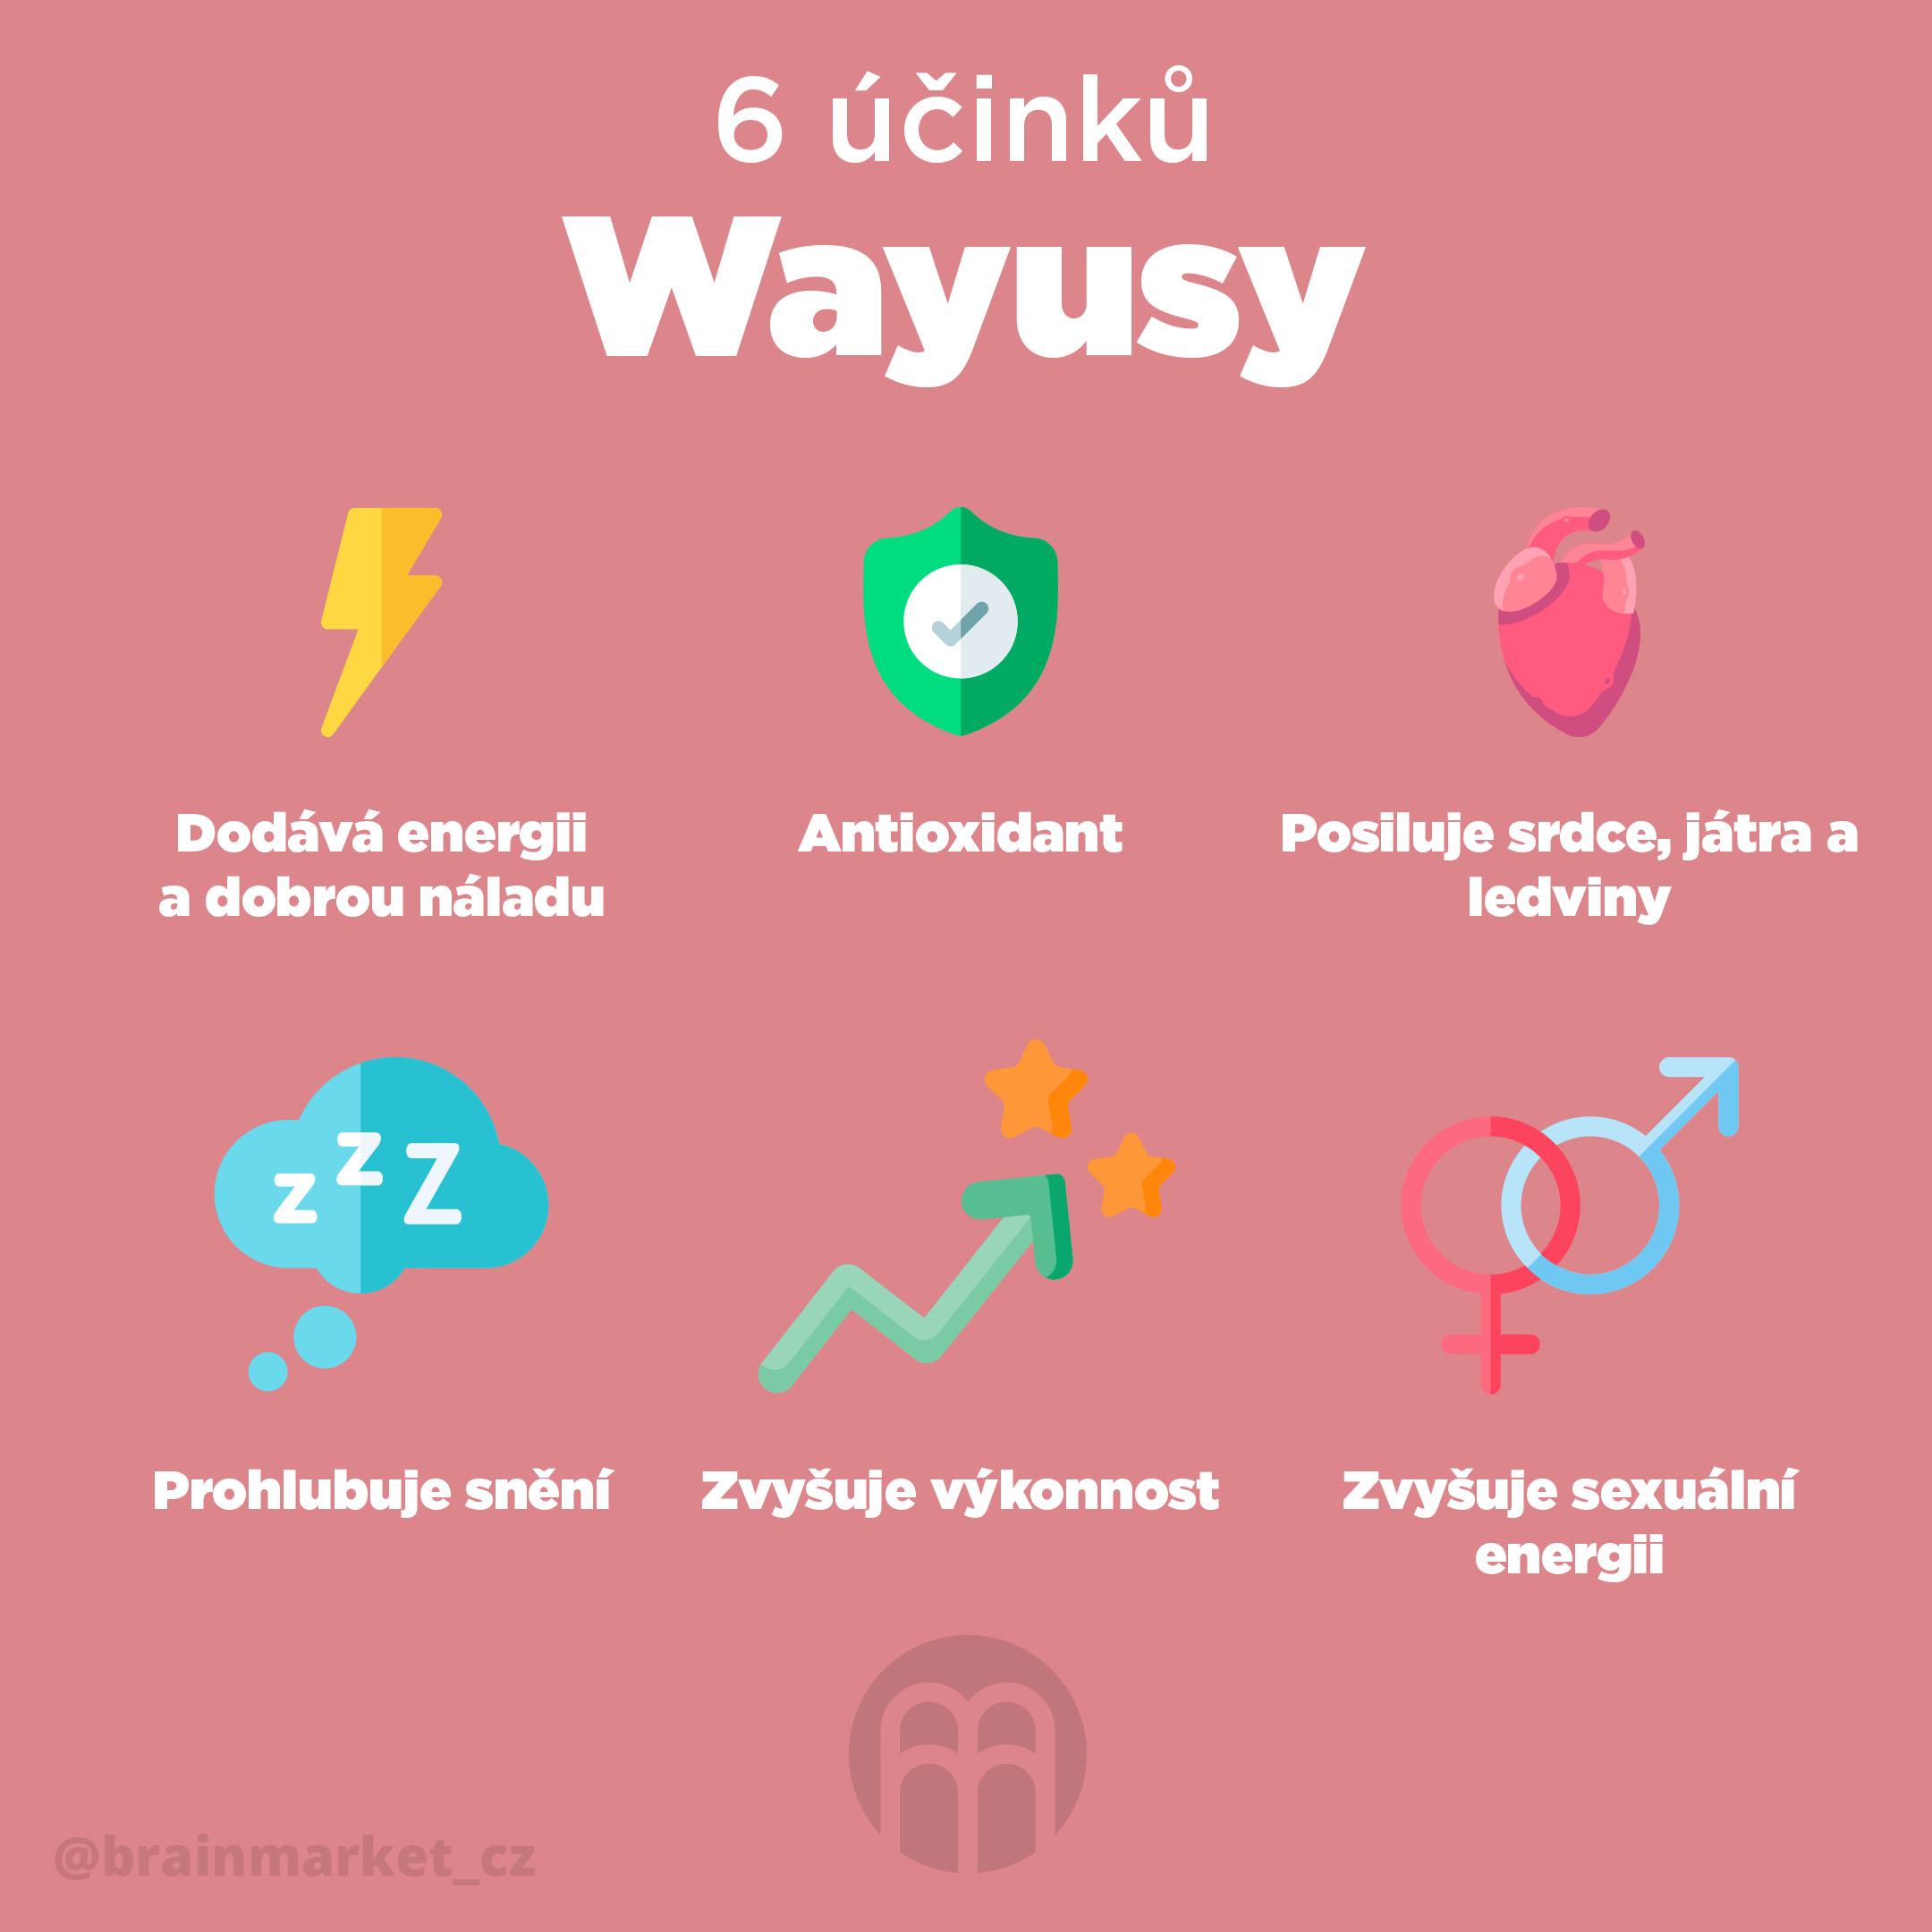 wayusa_cz_Infografika_Instagram_BrainMarket